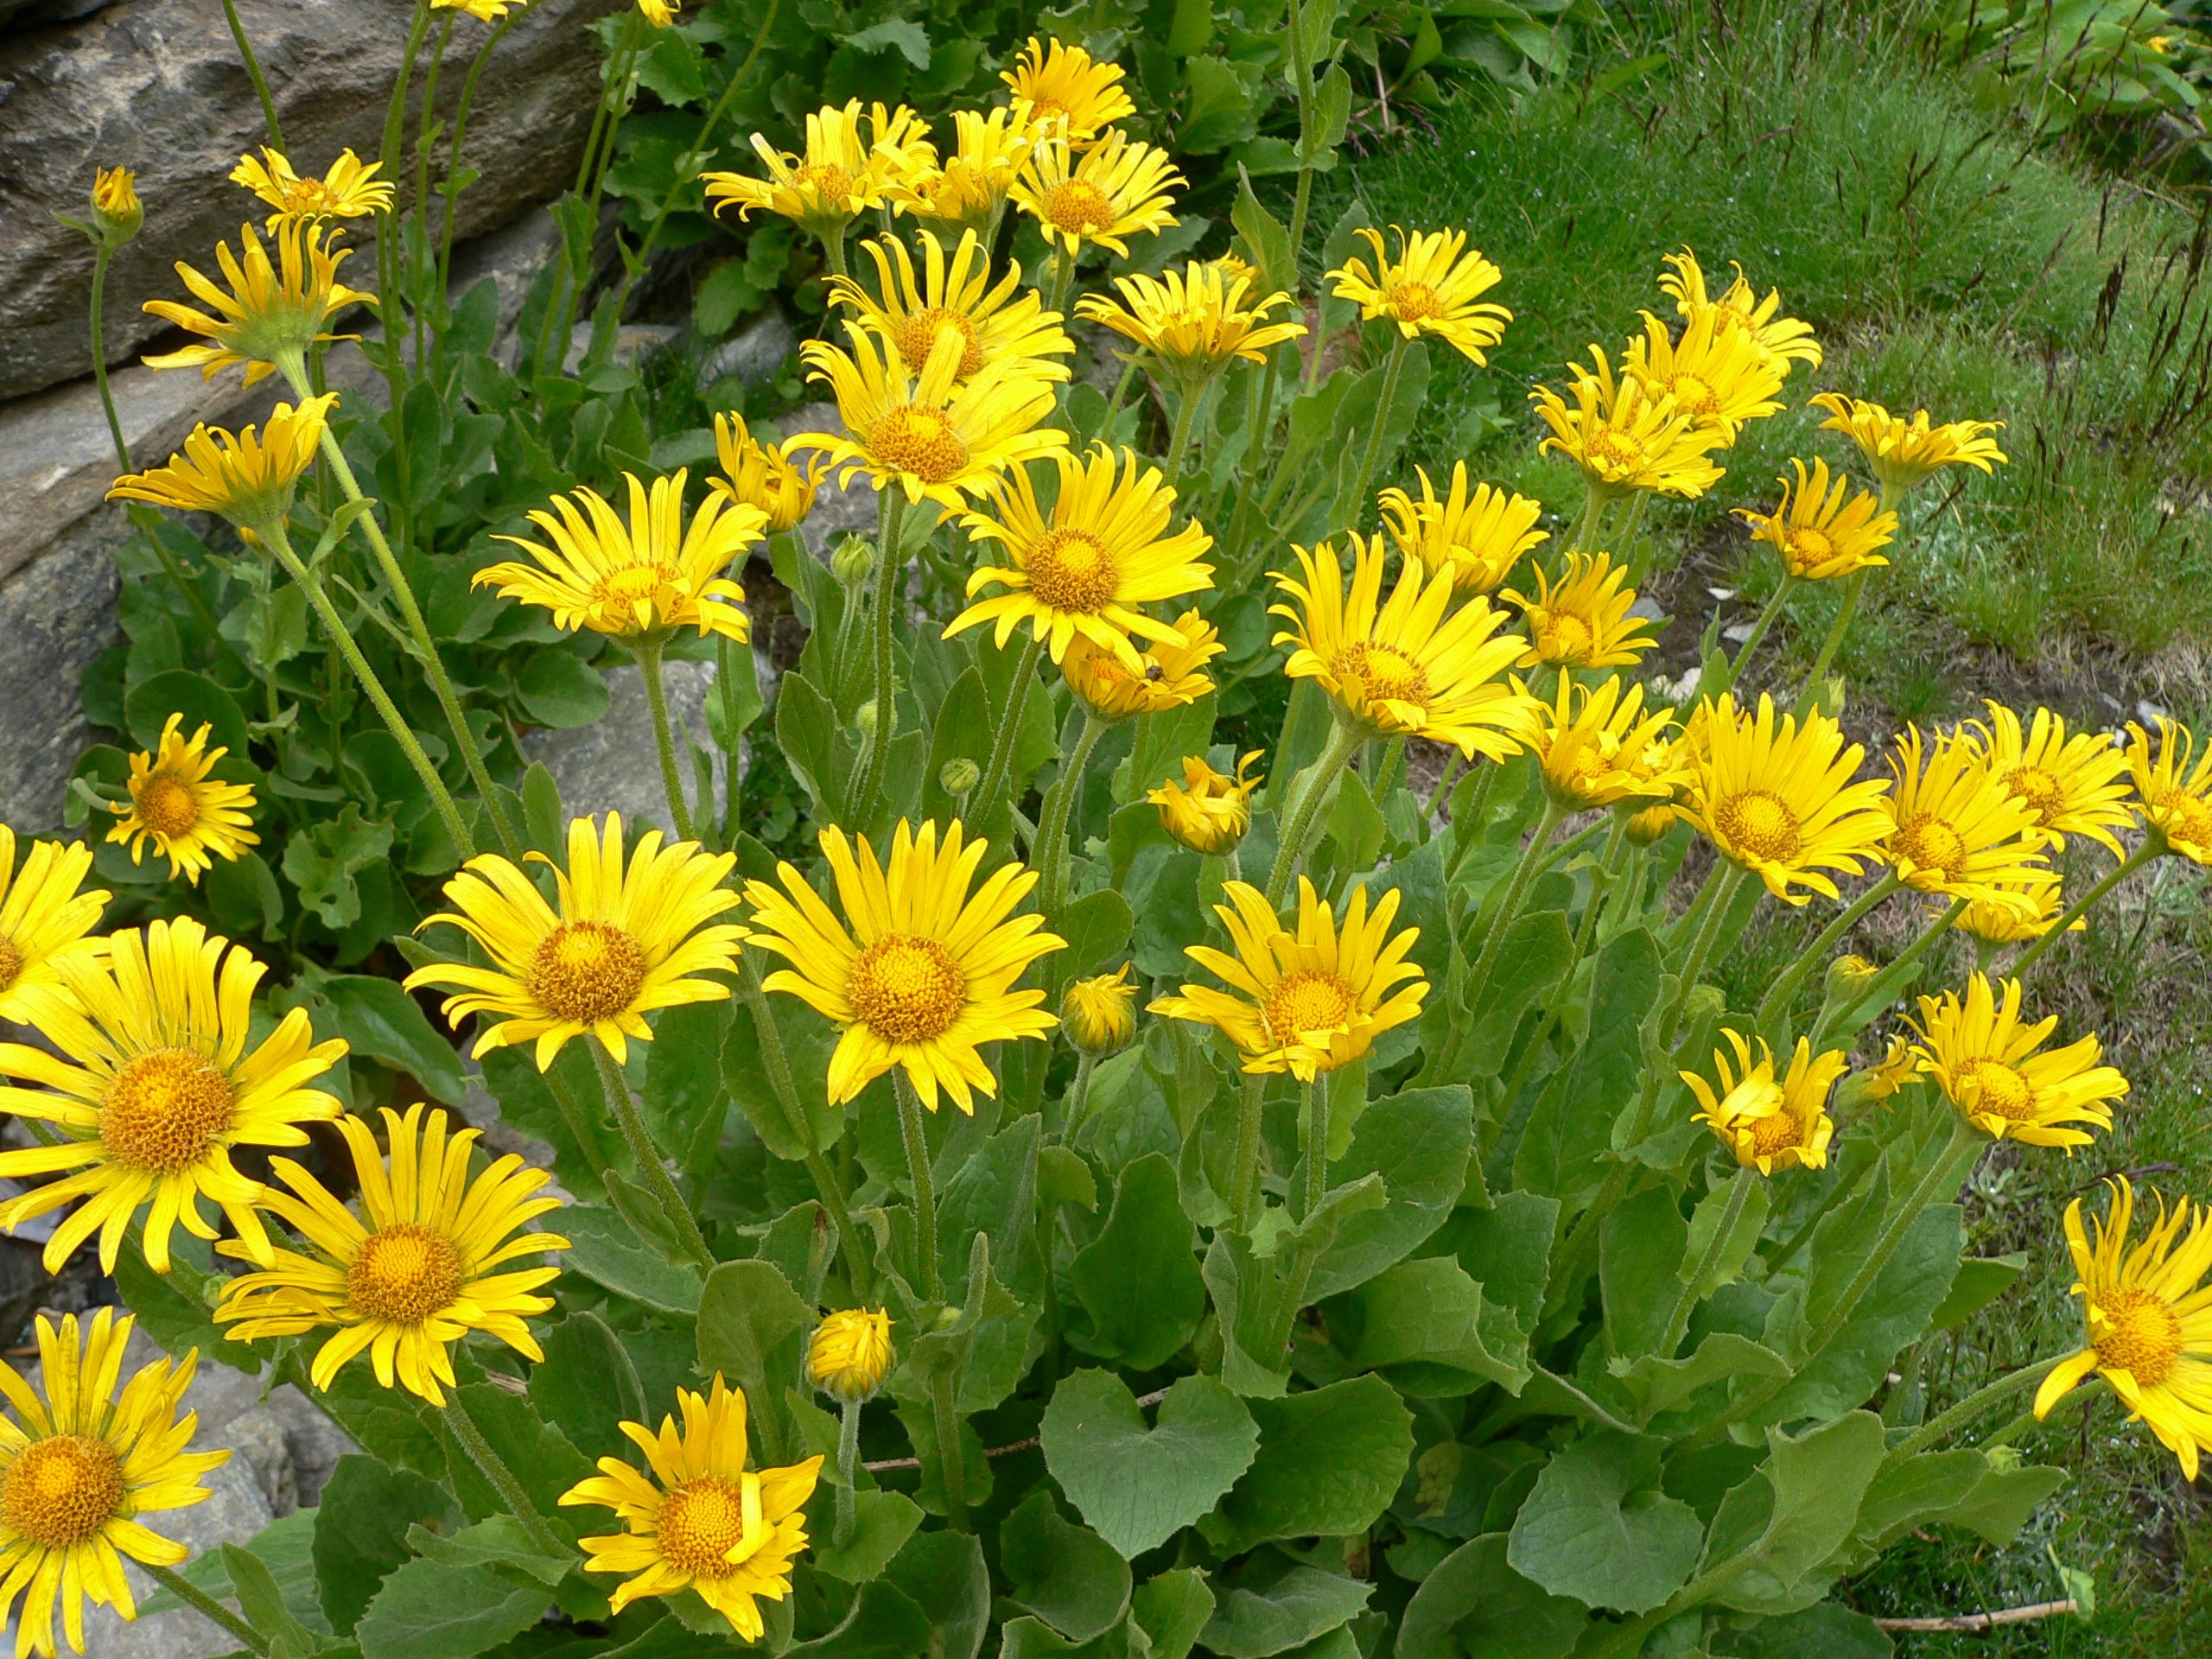 Ранний цветок с желтыми цветами фото